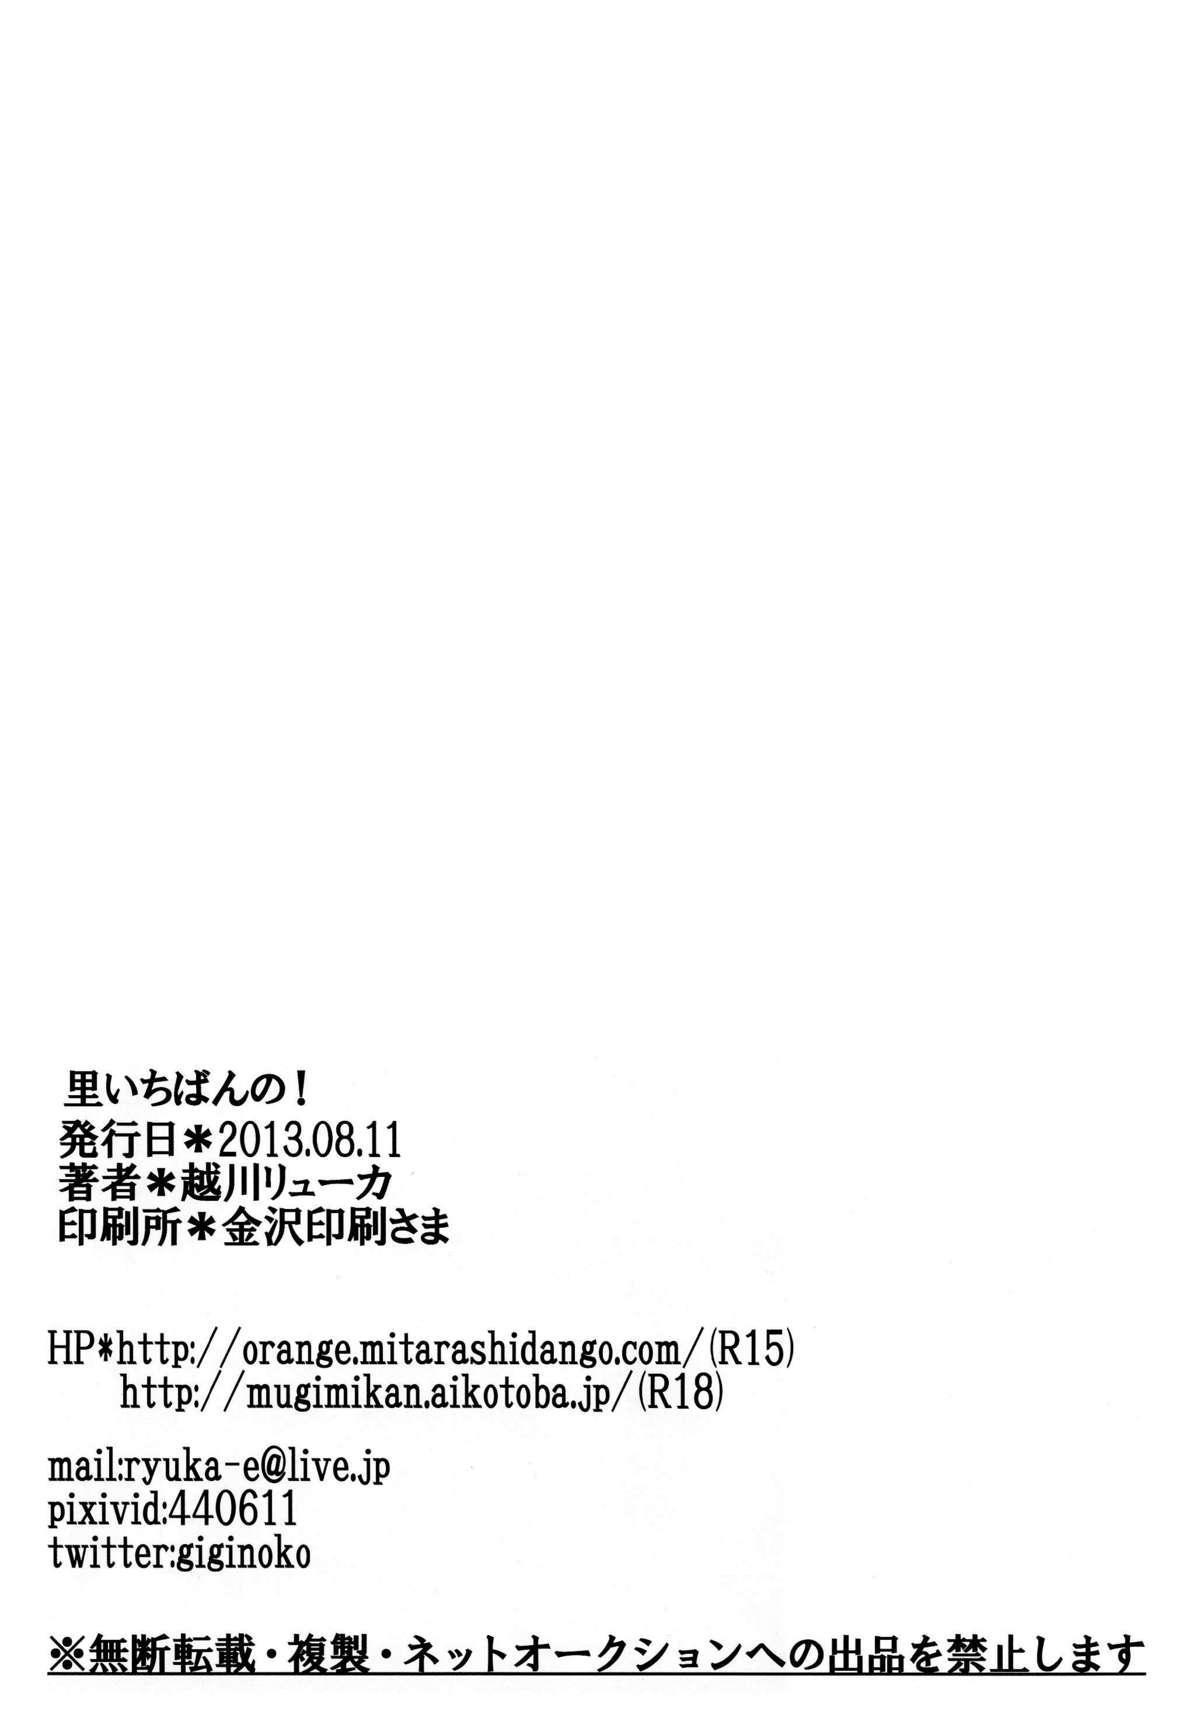 Sato Ichiban no! | Best in the Village! 23